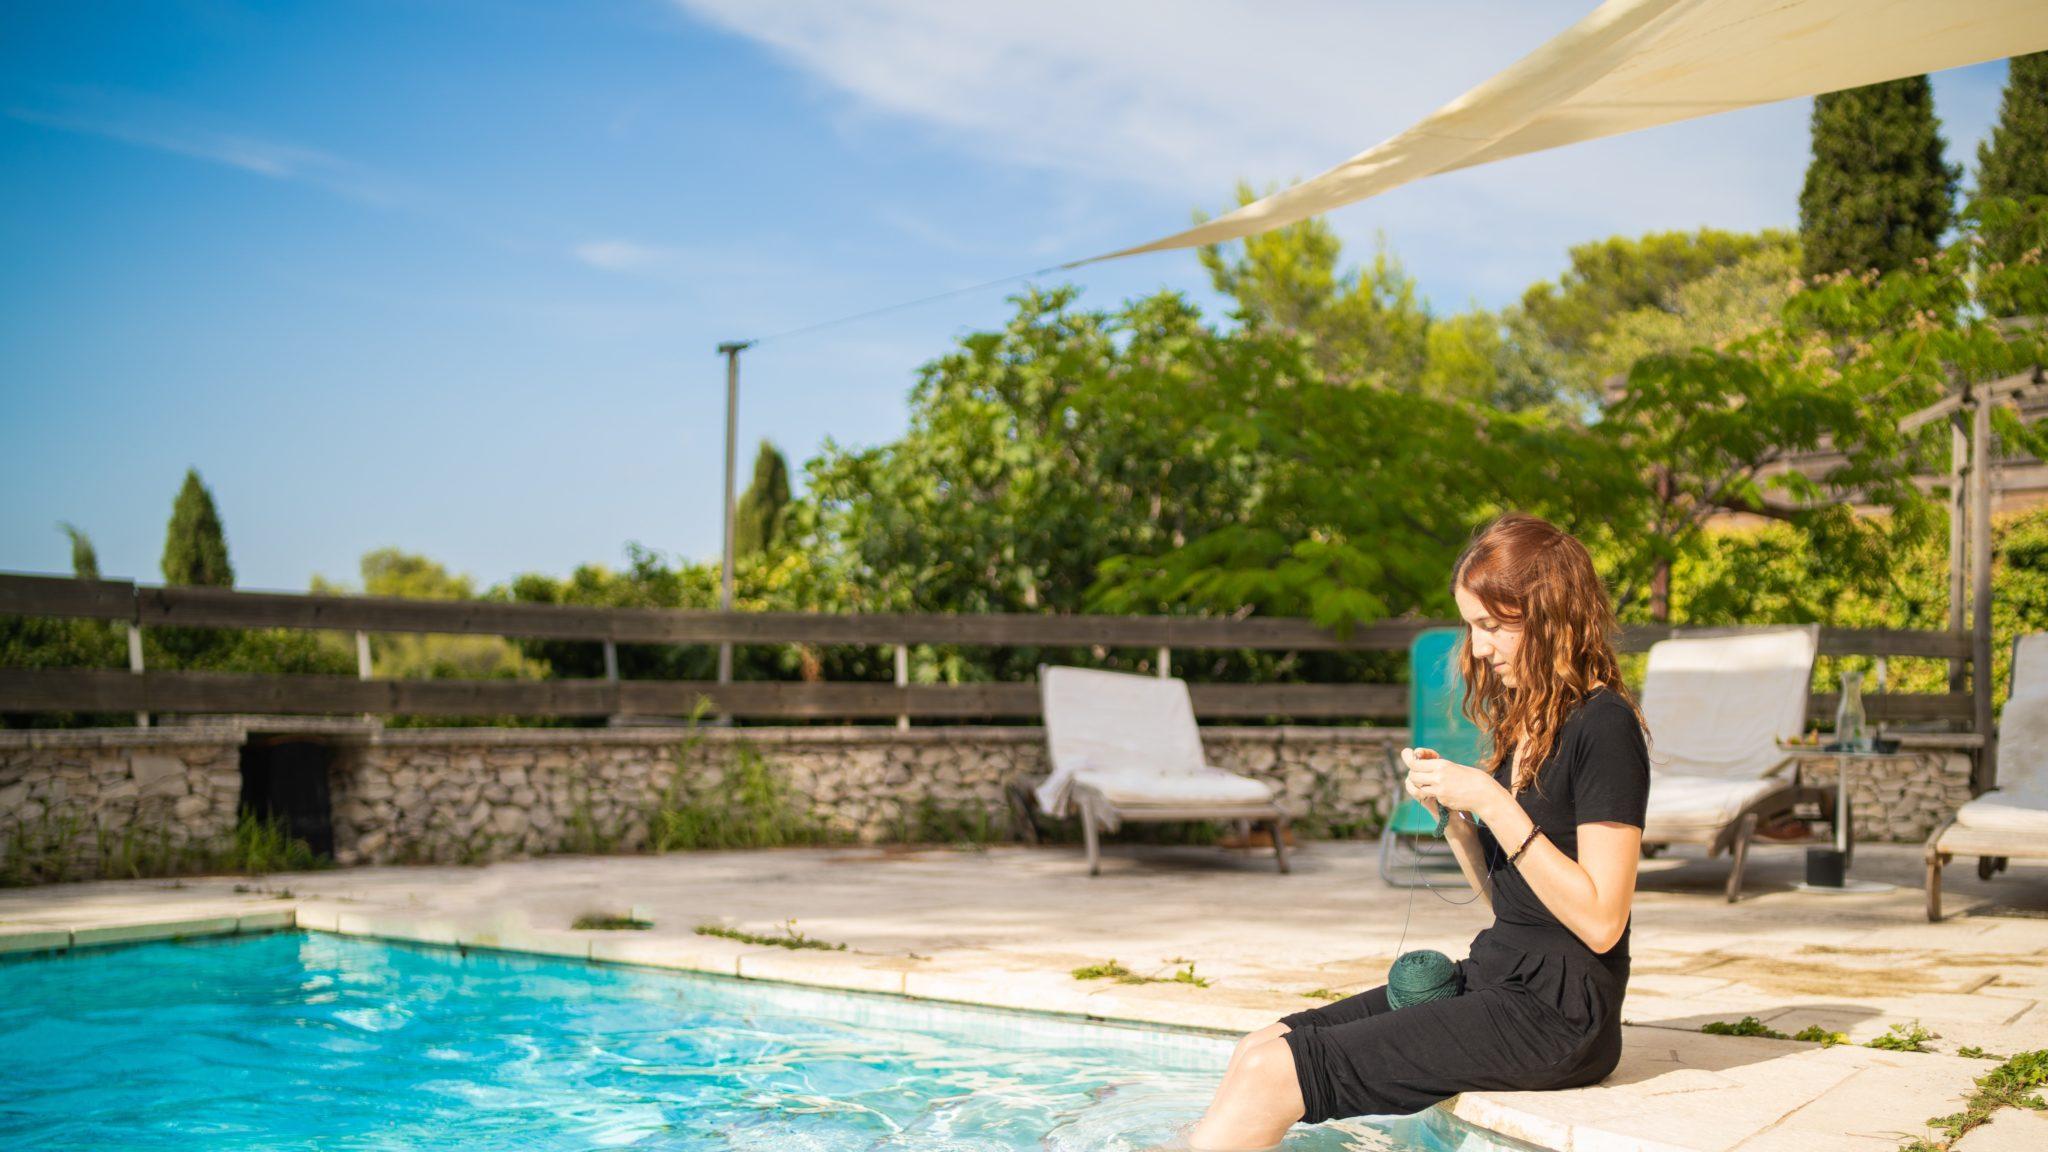 piscine au sel avantages et inconvénients